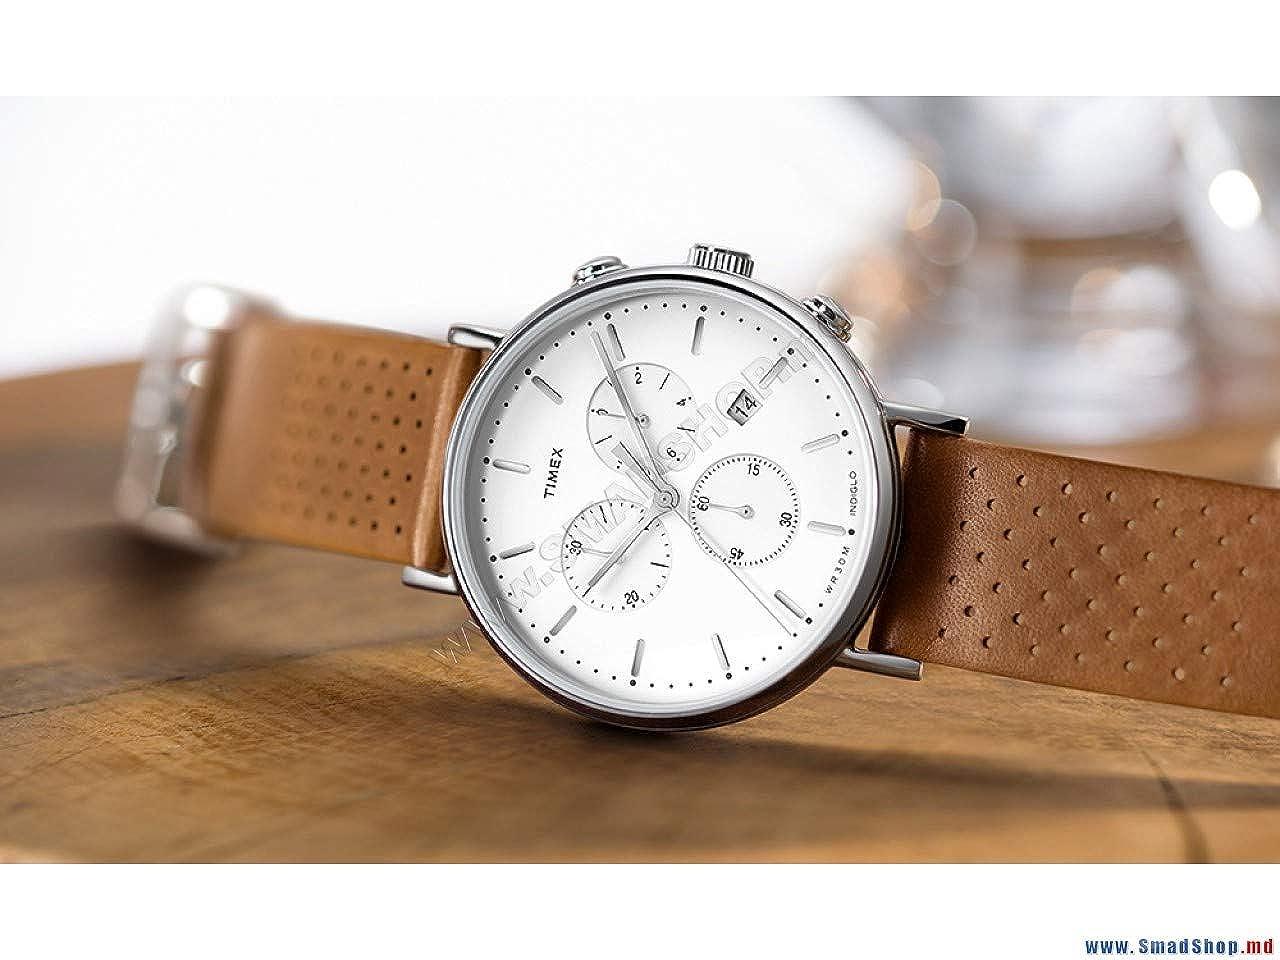 Quarz Unisex Uhr Analog Leder Erwachsene Mit Timex Armband oxBdCre